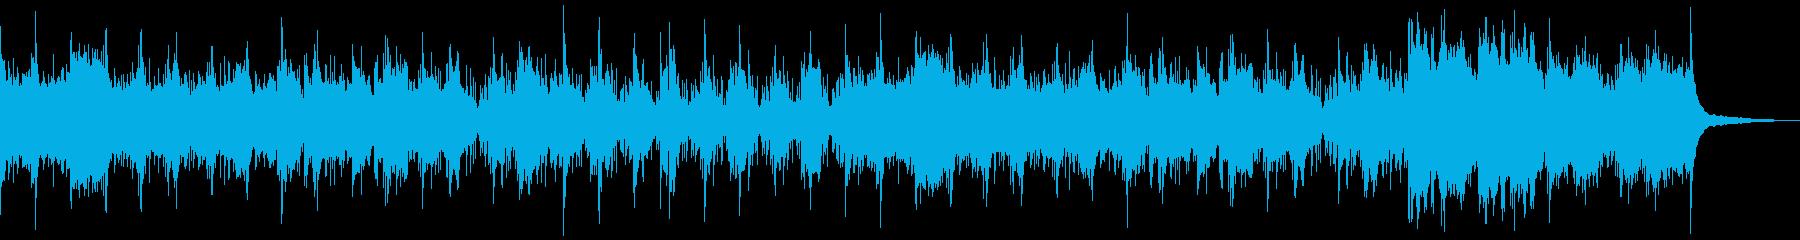 伝統的なアンデス楽器演奏の再生済みの波形